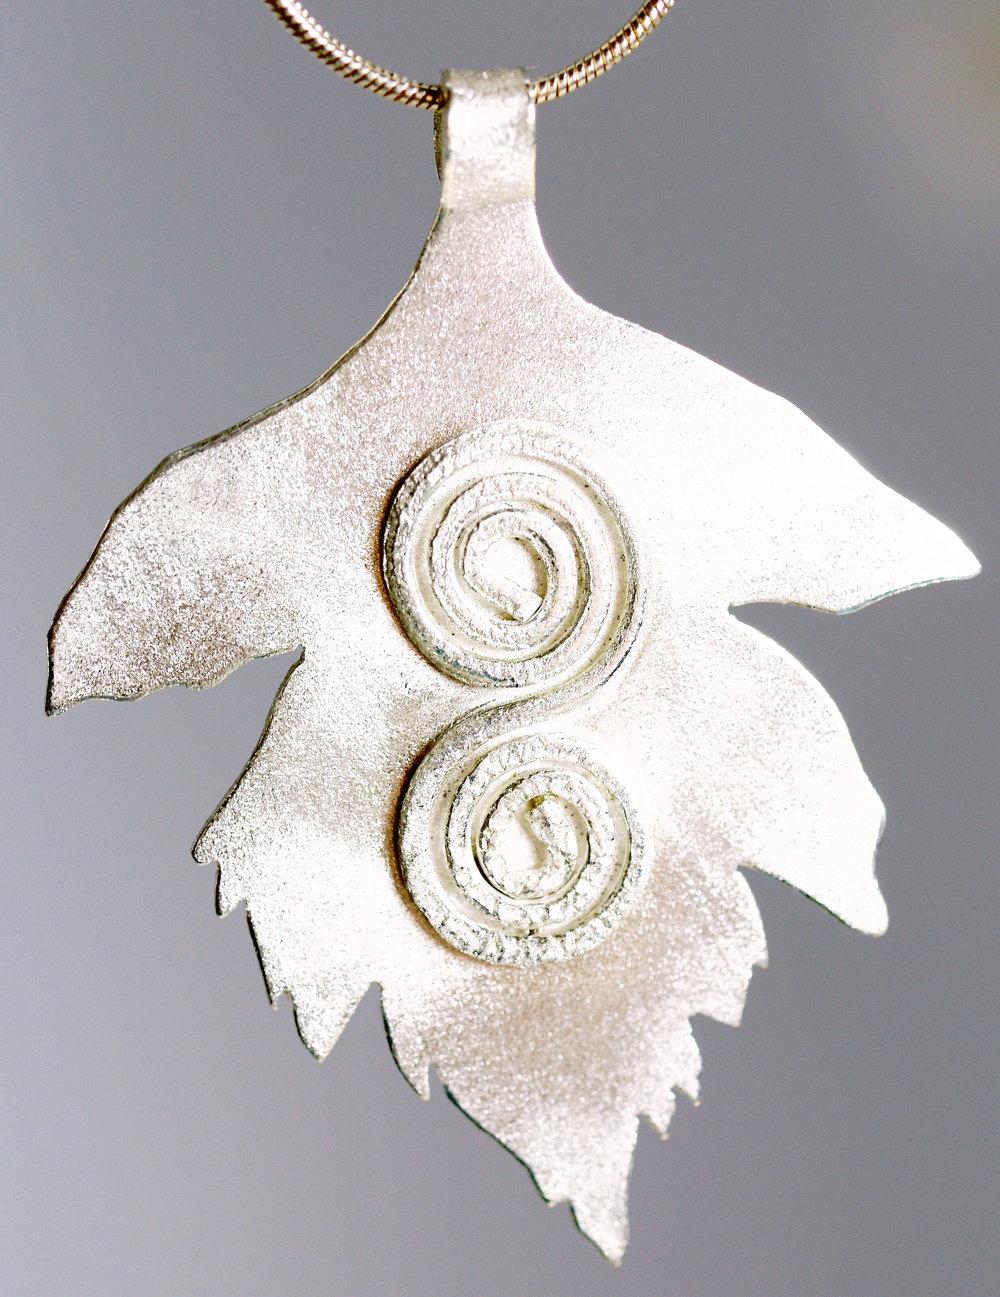 hawthorn_leaf_spiral-2.jpg